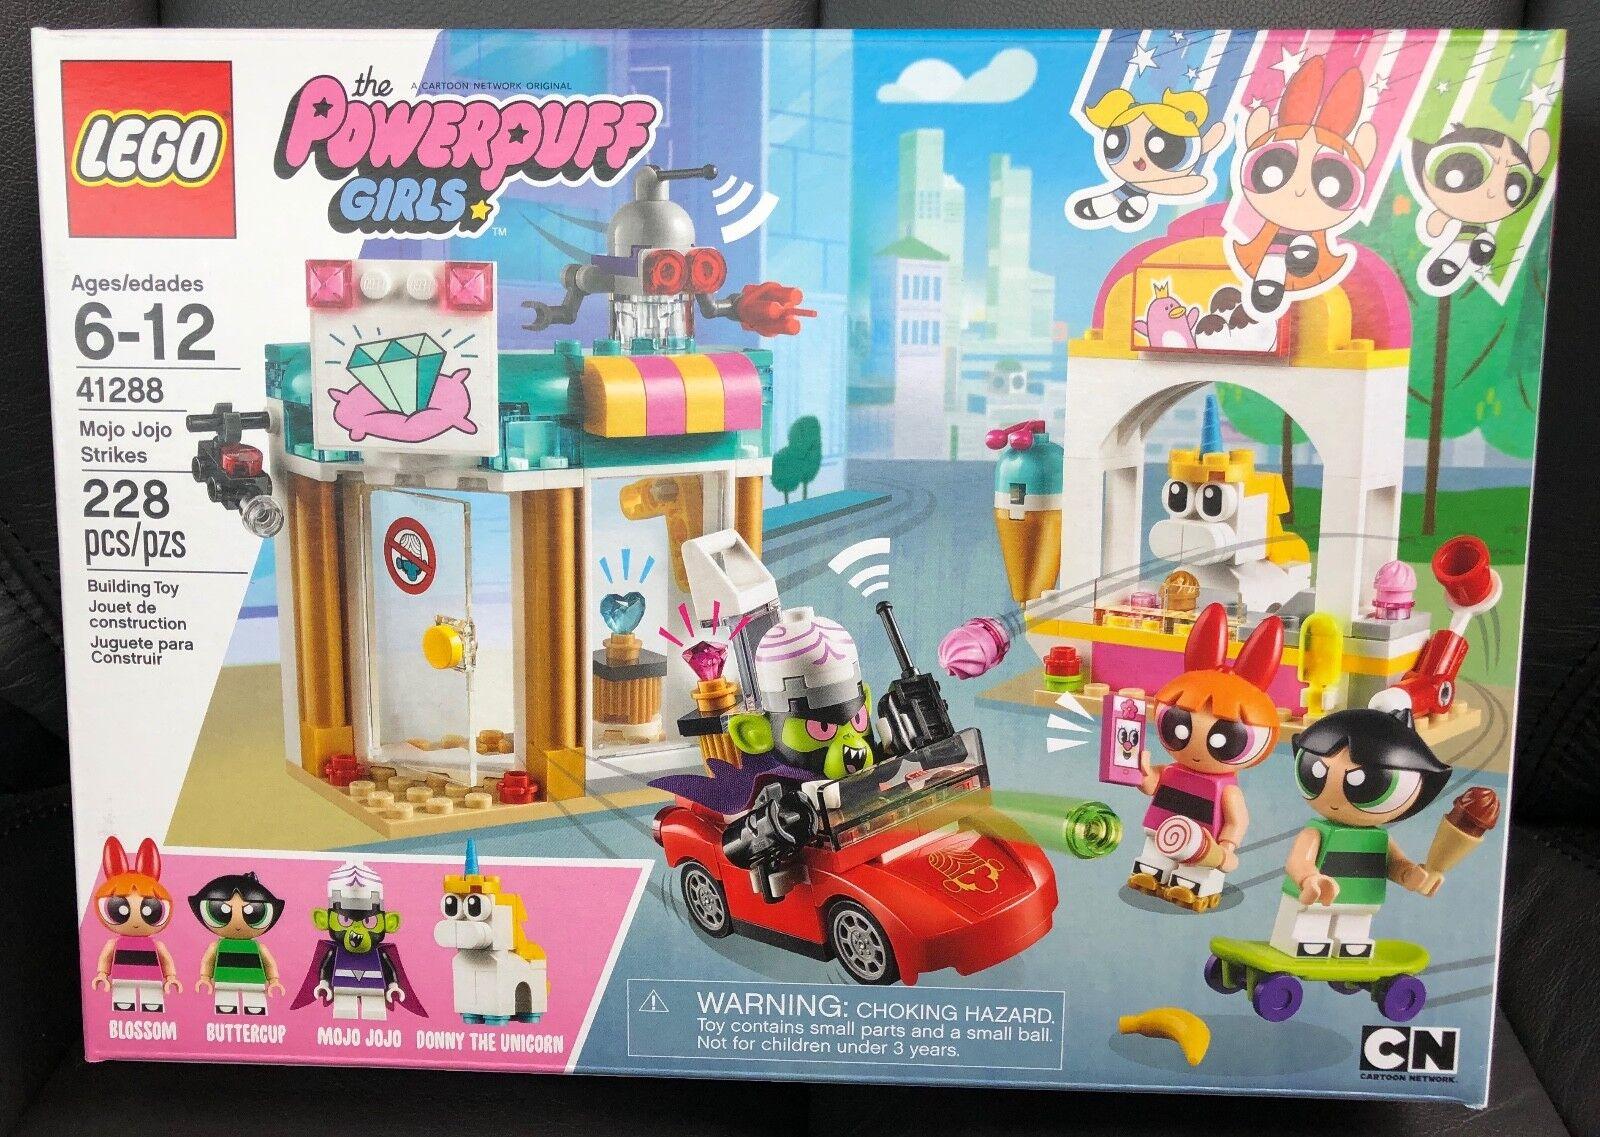 Lego The Powerpuff Girls - MOJO MOJO MOJO JOJO STRIKES - 41288 - Sealed and New 683598